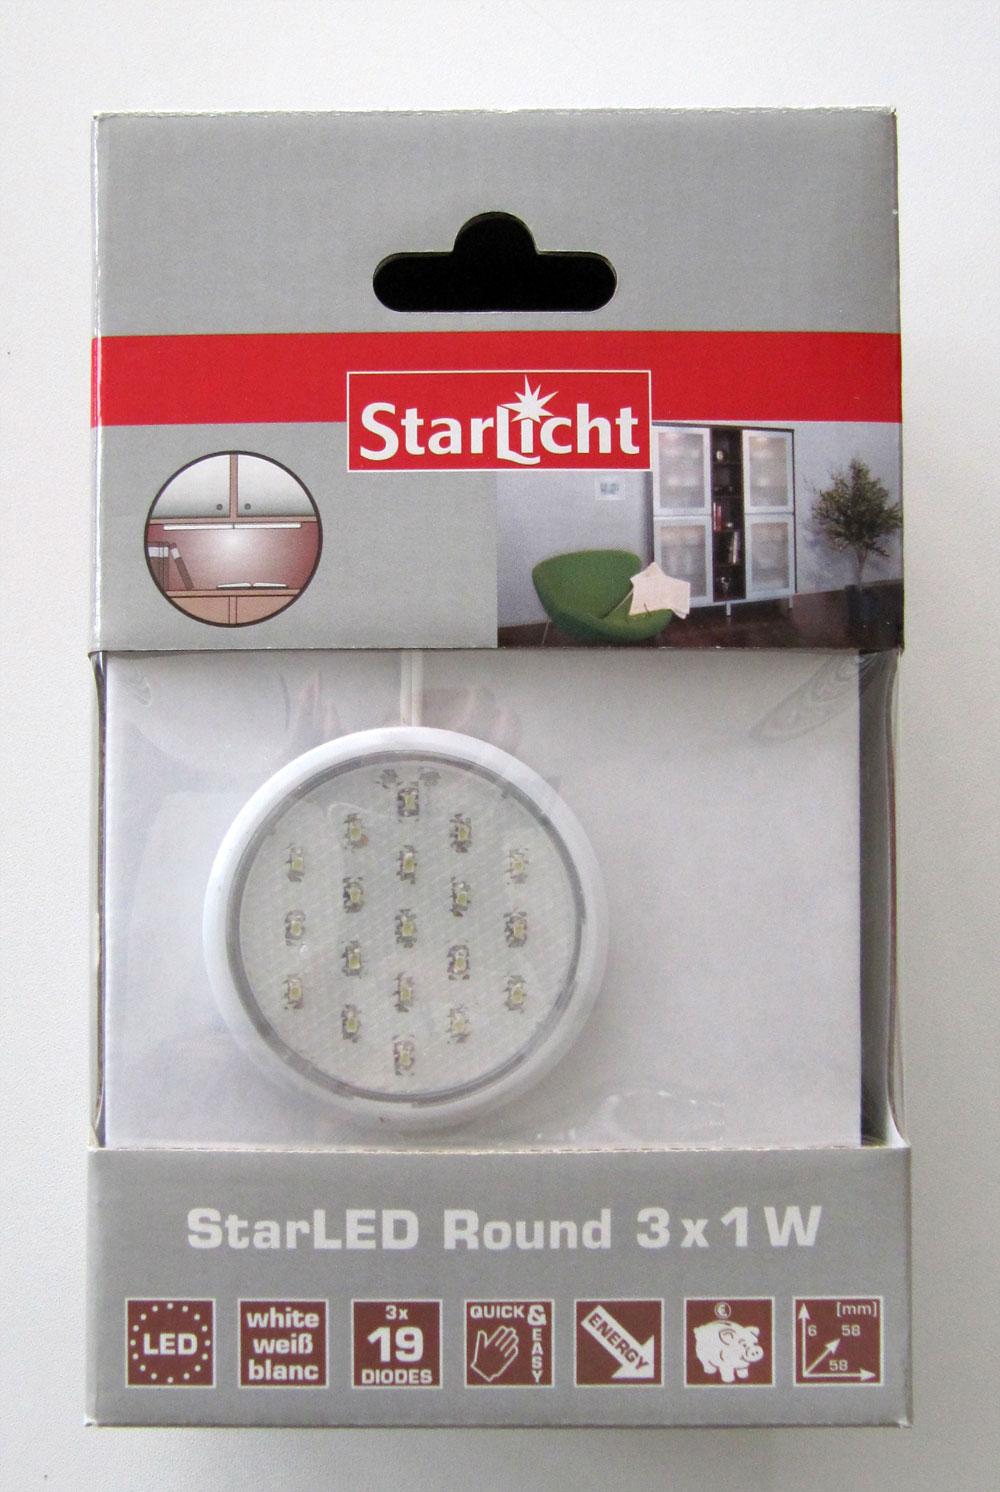 StarLicht StarLED Round / Schrankleuchte 3x1W je 19 LED`s Licht weiß Bild 1